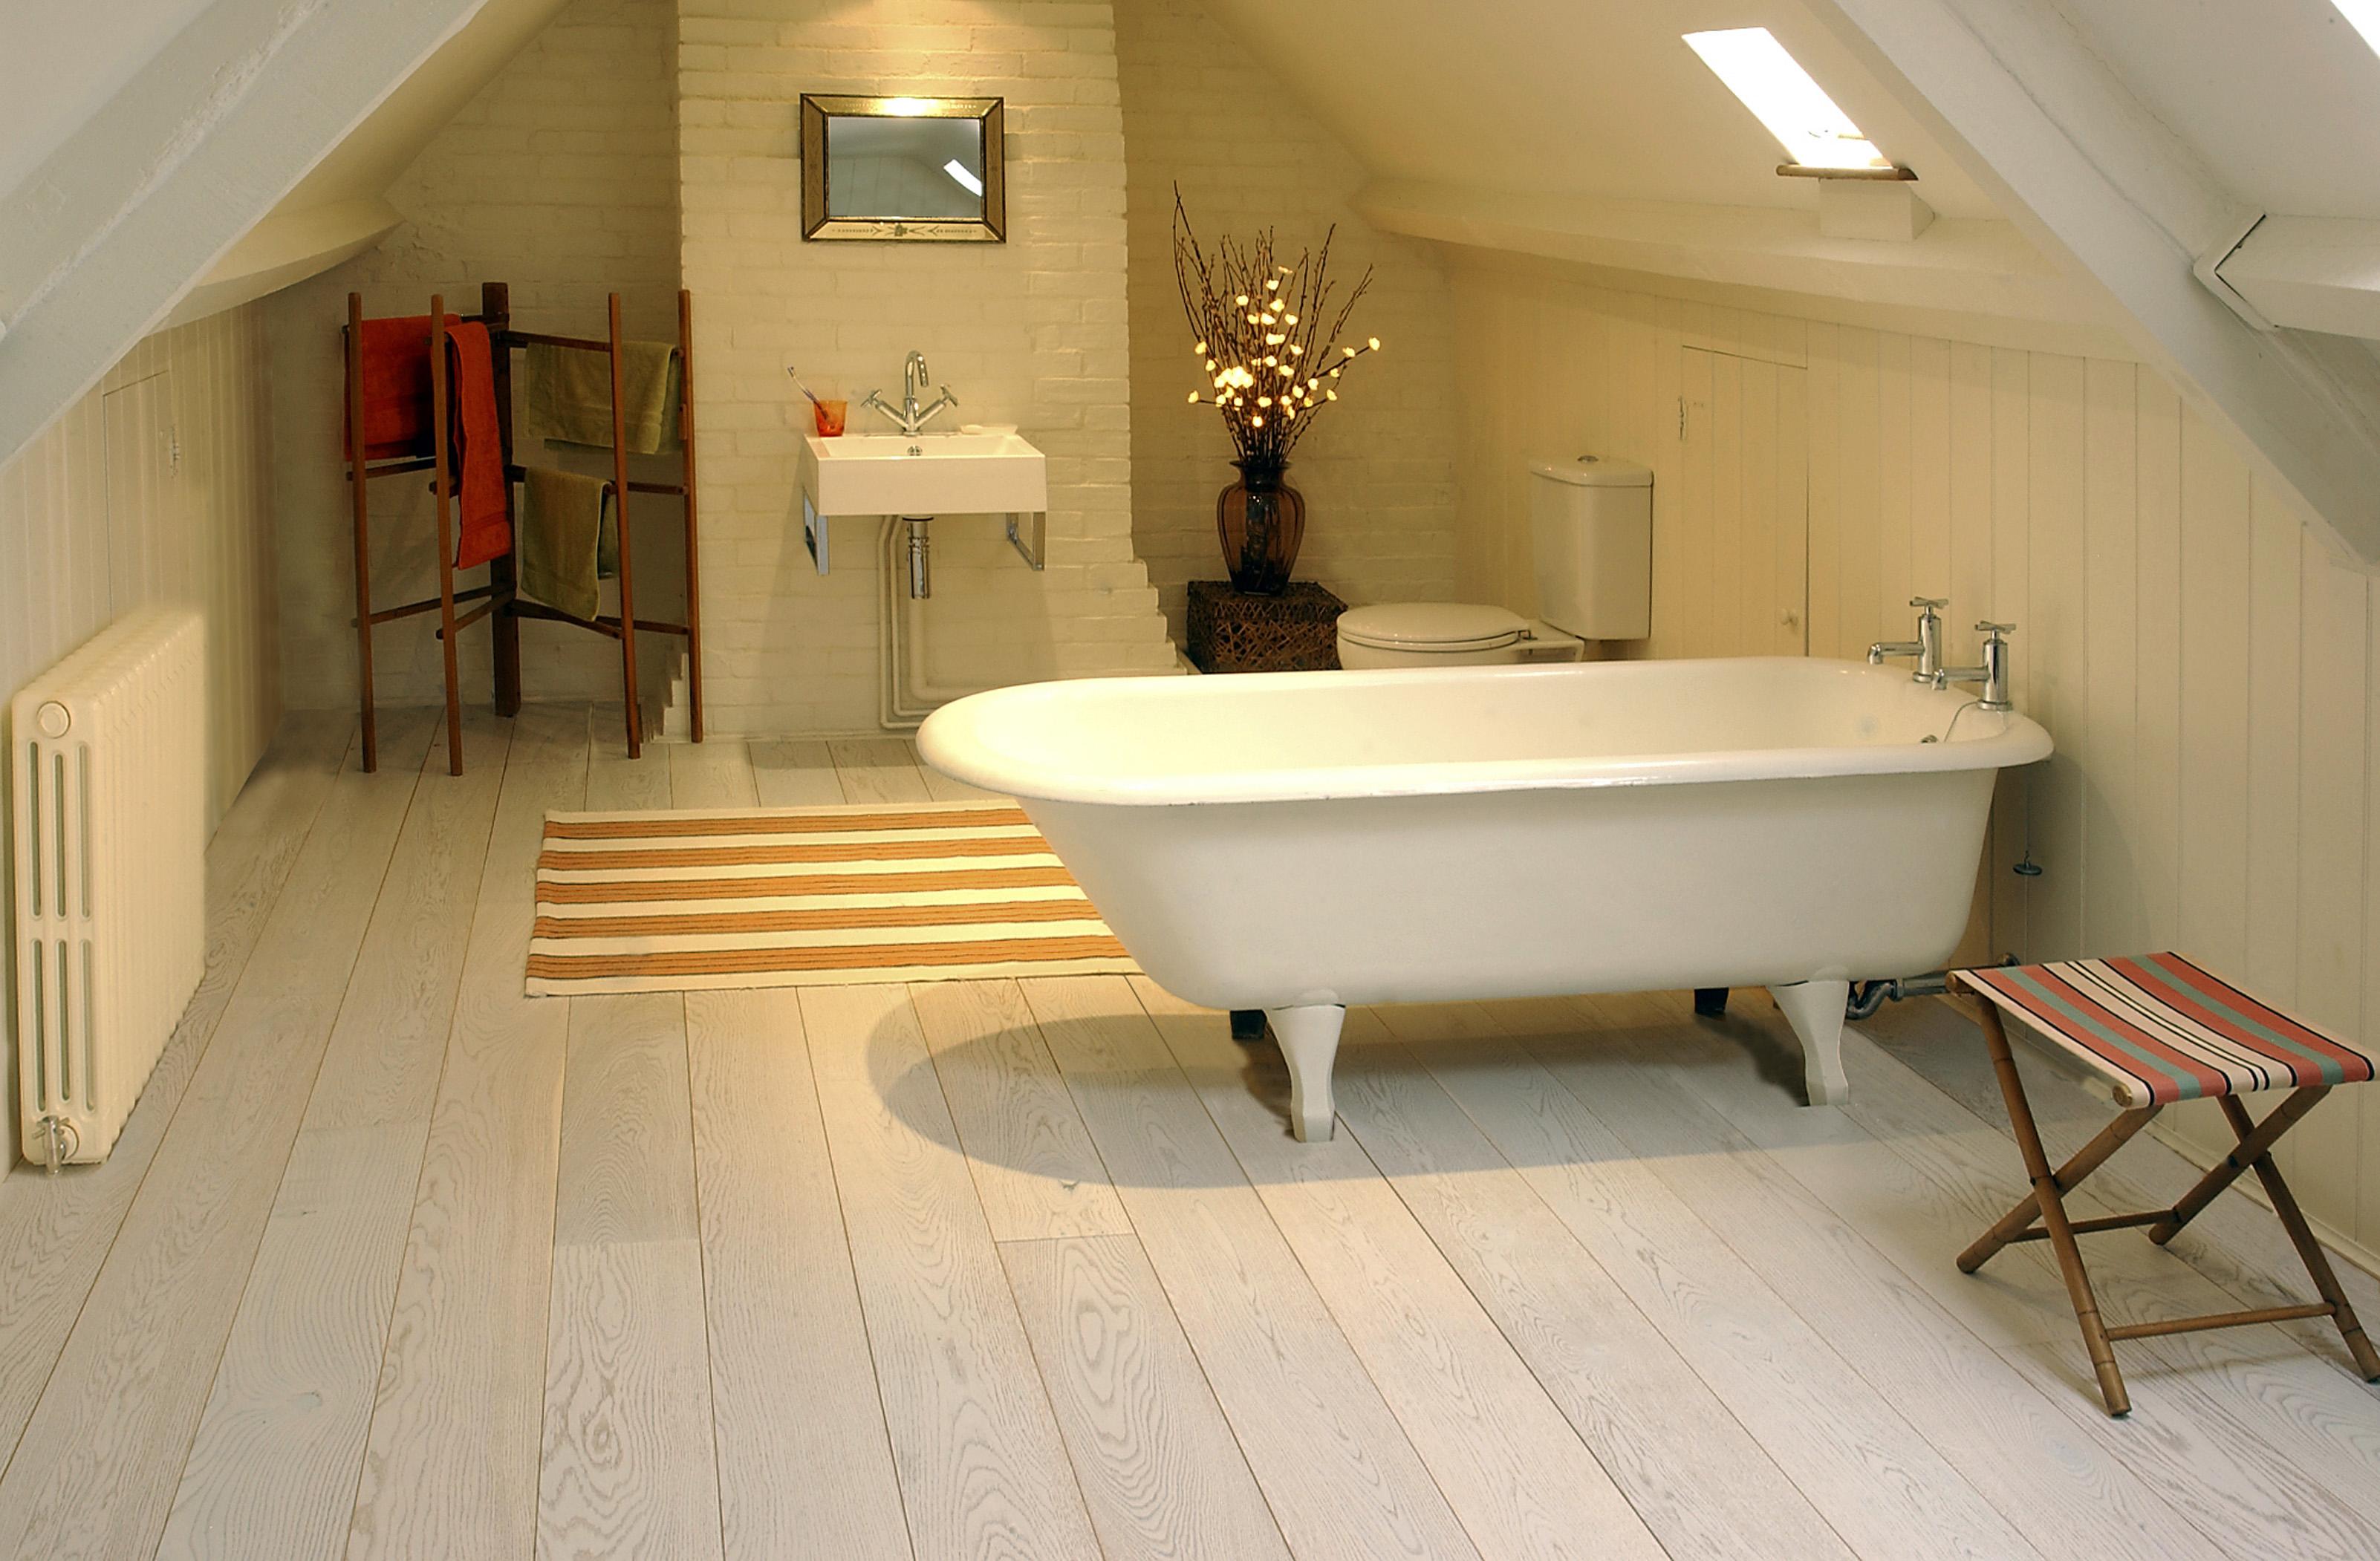 Bathroom floors wood floors in bathrooms ELXPQHE